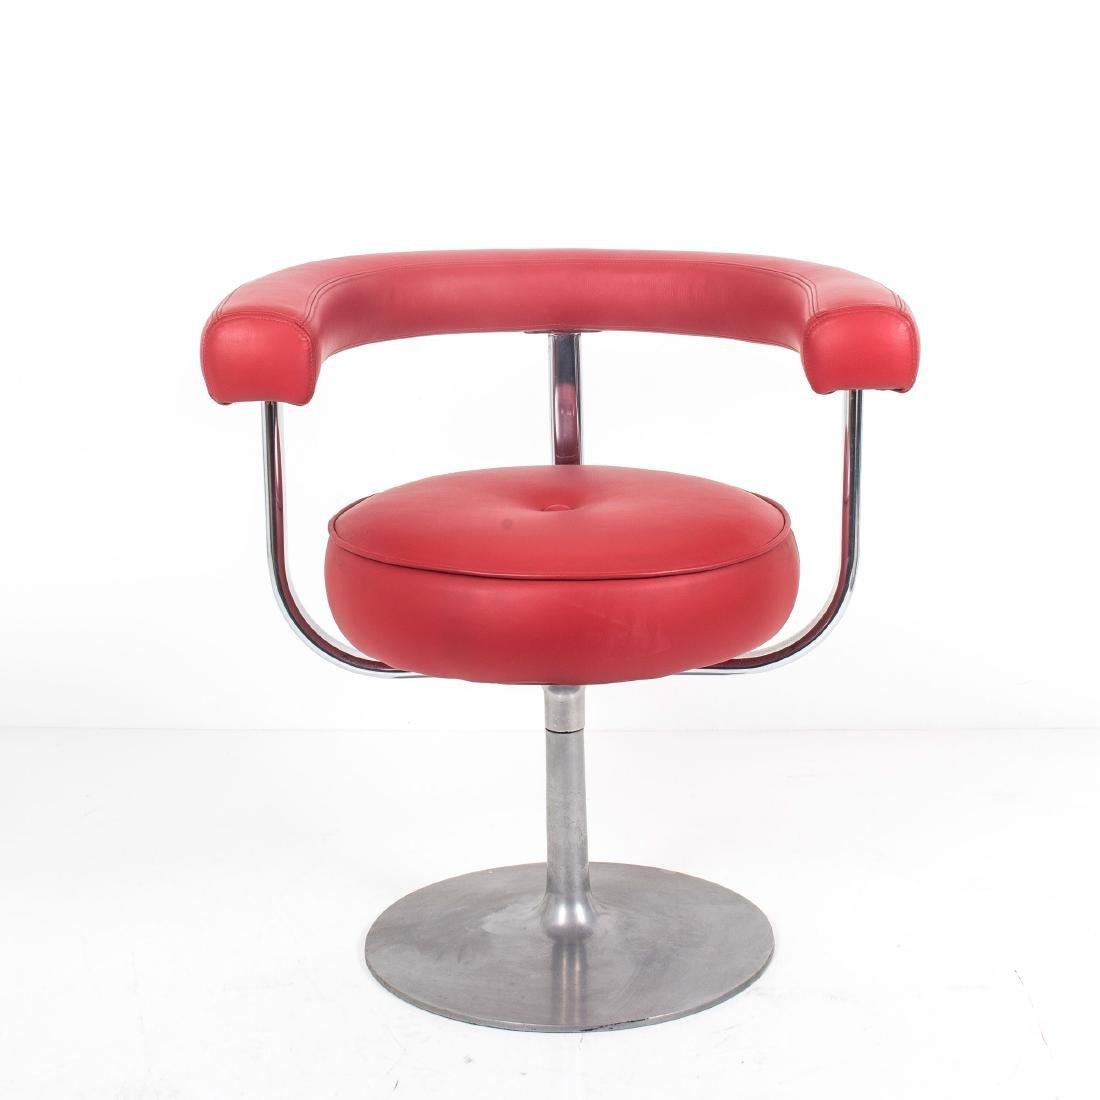 'Polar' armchair, c. 1965 - 2